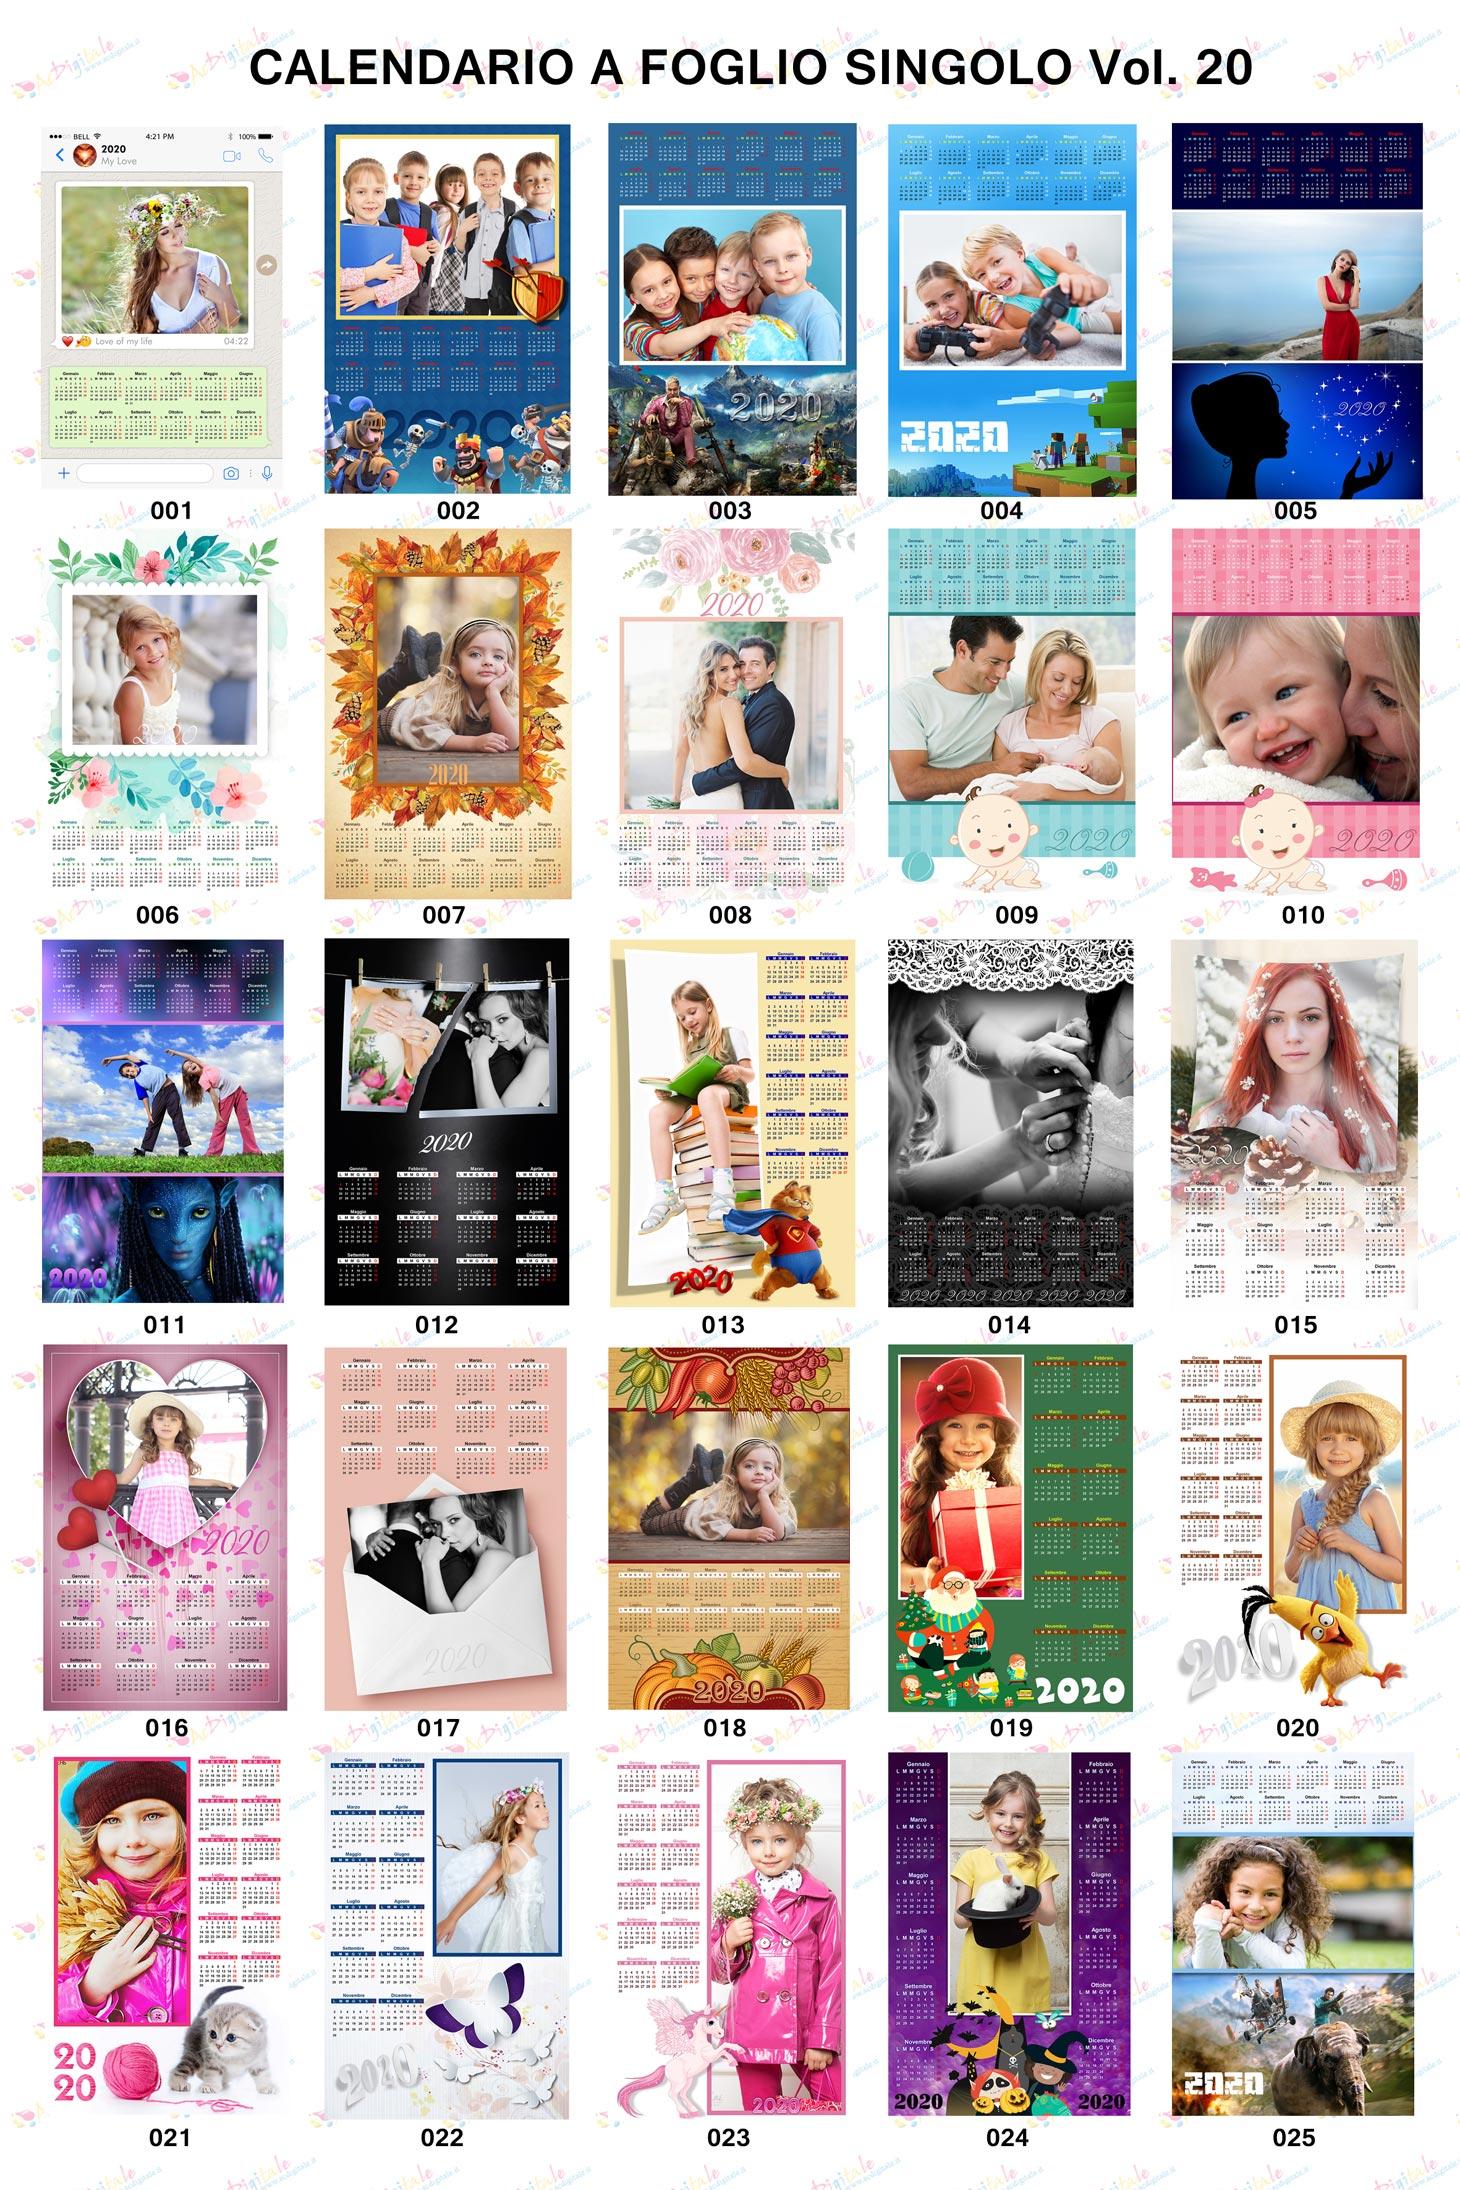 Anteprima calendari 2020 volume 20